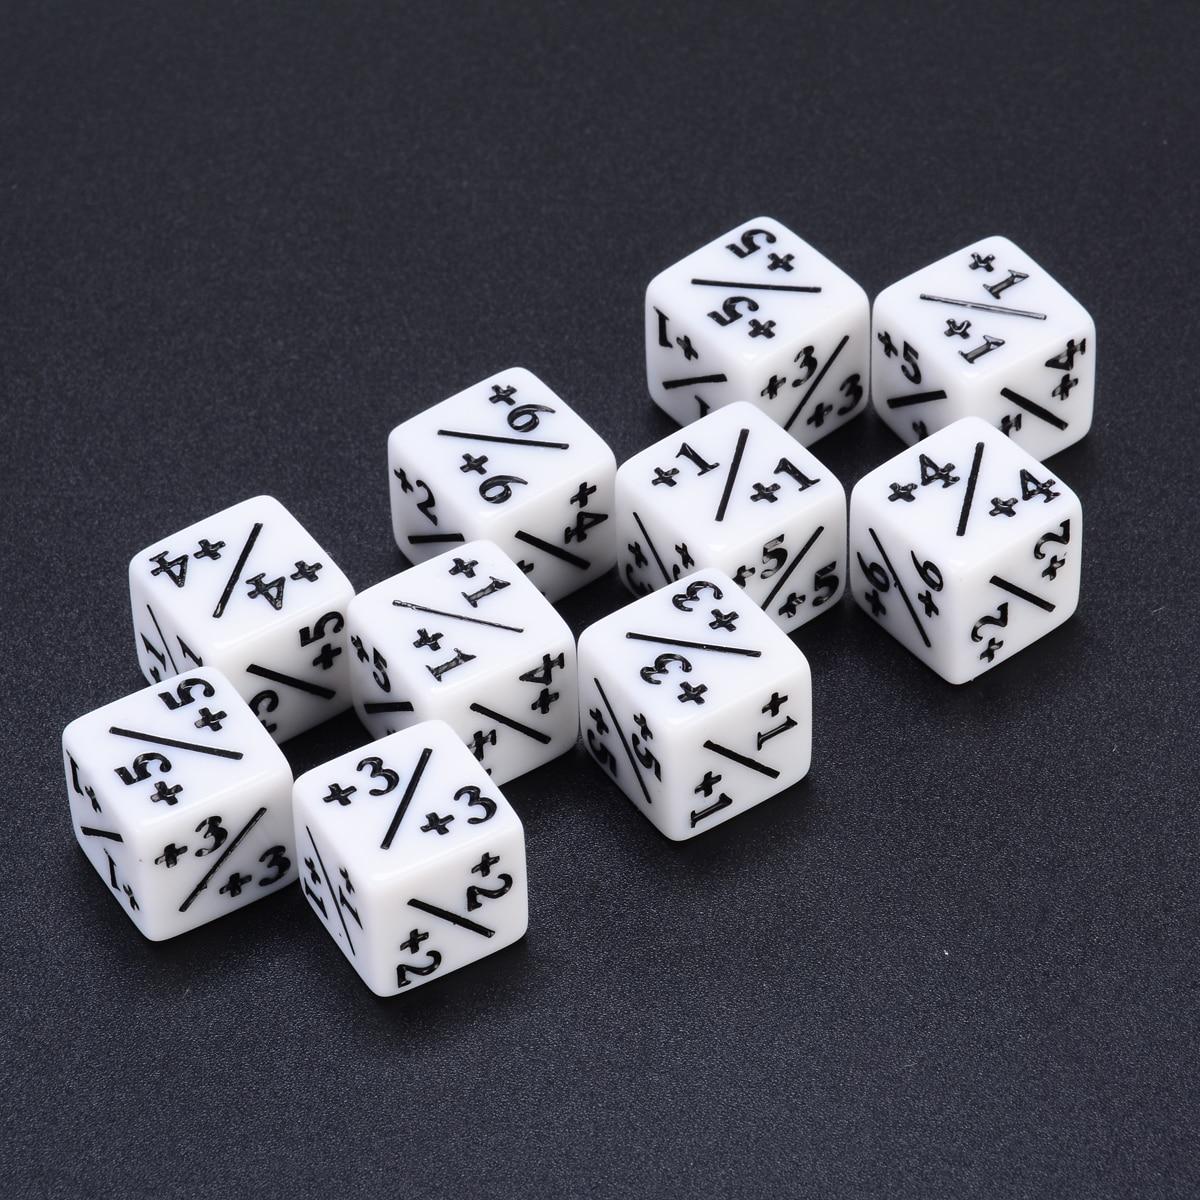 10 шт. белые счетчики кубиков + 1/1 для волшебных игр на сборке и MTG, вечерние игровые автоматы для покера, настольные забавные уличные кубики